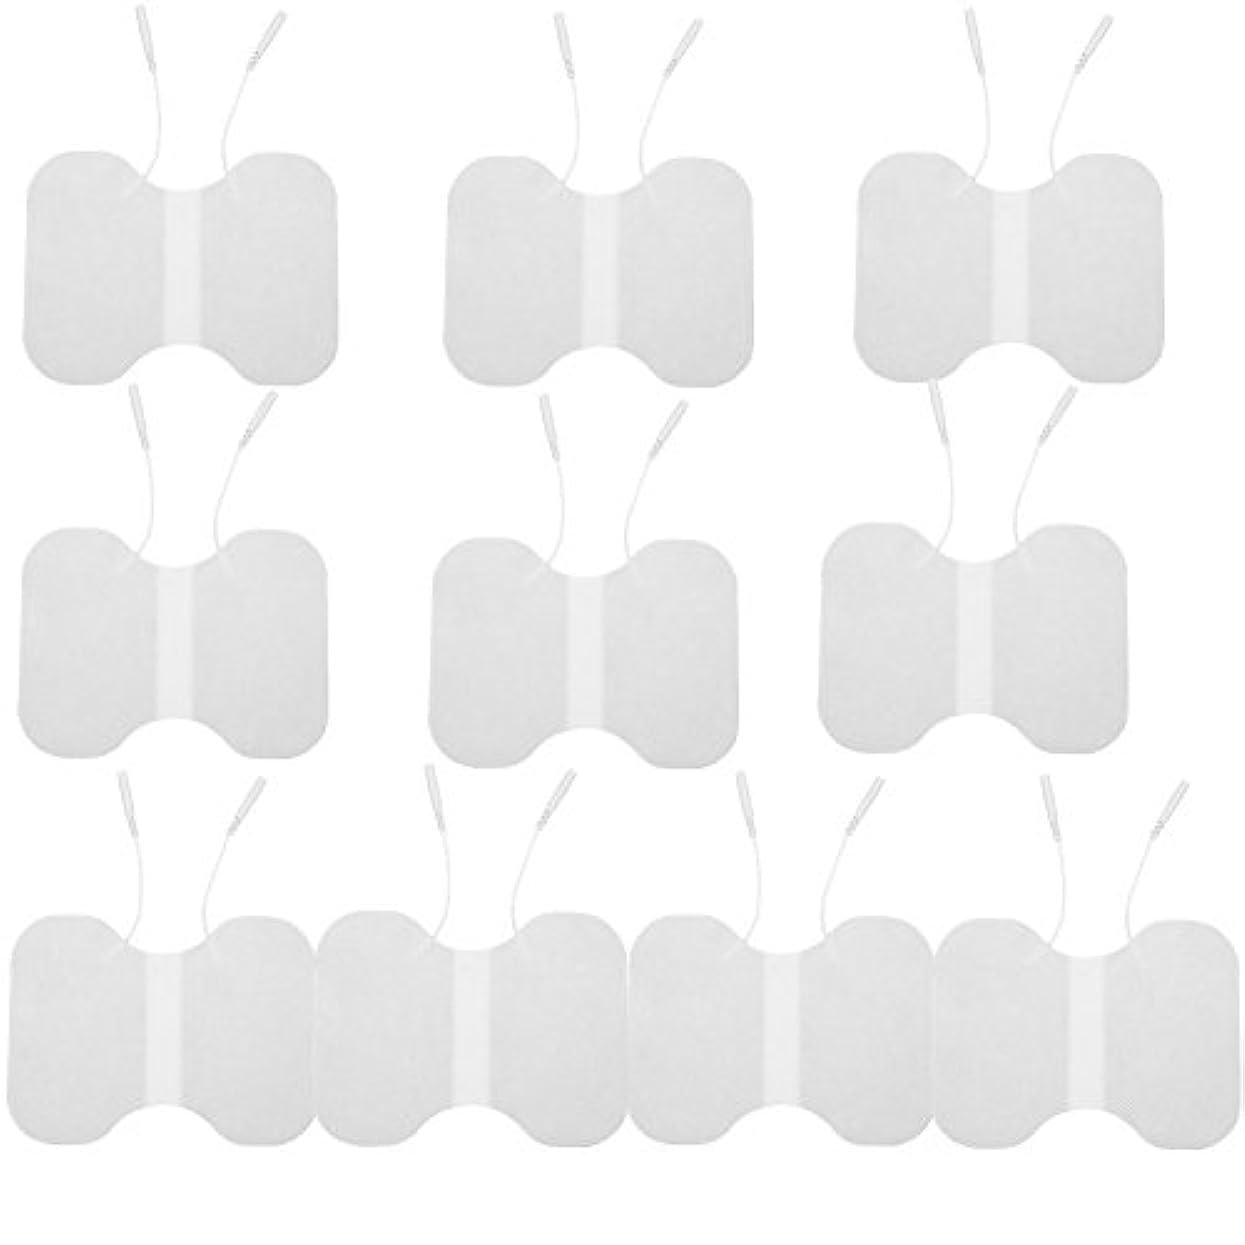 シャイニング固めるシーボード電極パッド、1Pc再利用可能な自己接着性電極パッチが体内の循環を改善し代謝を促進する効果